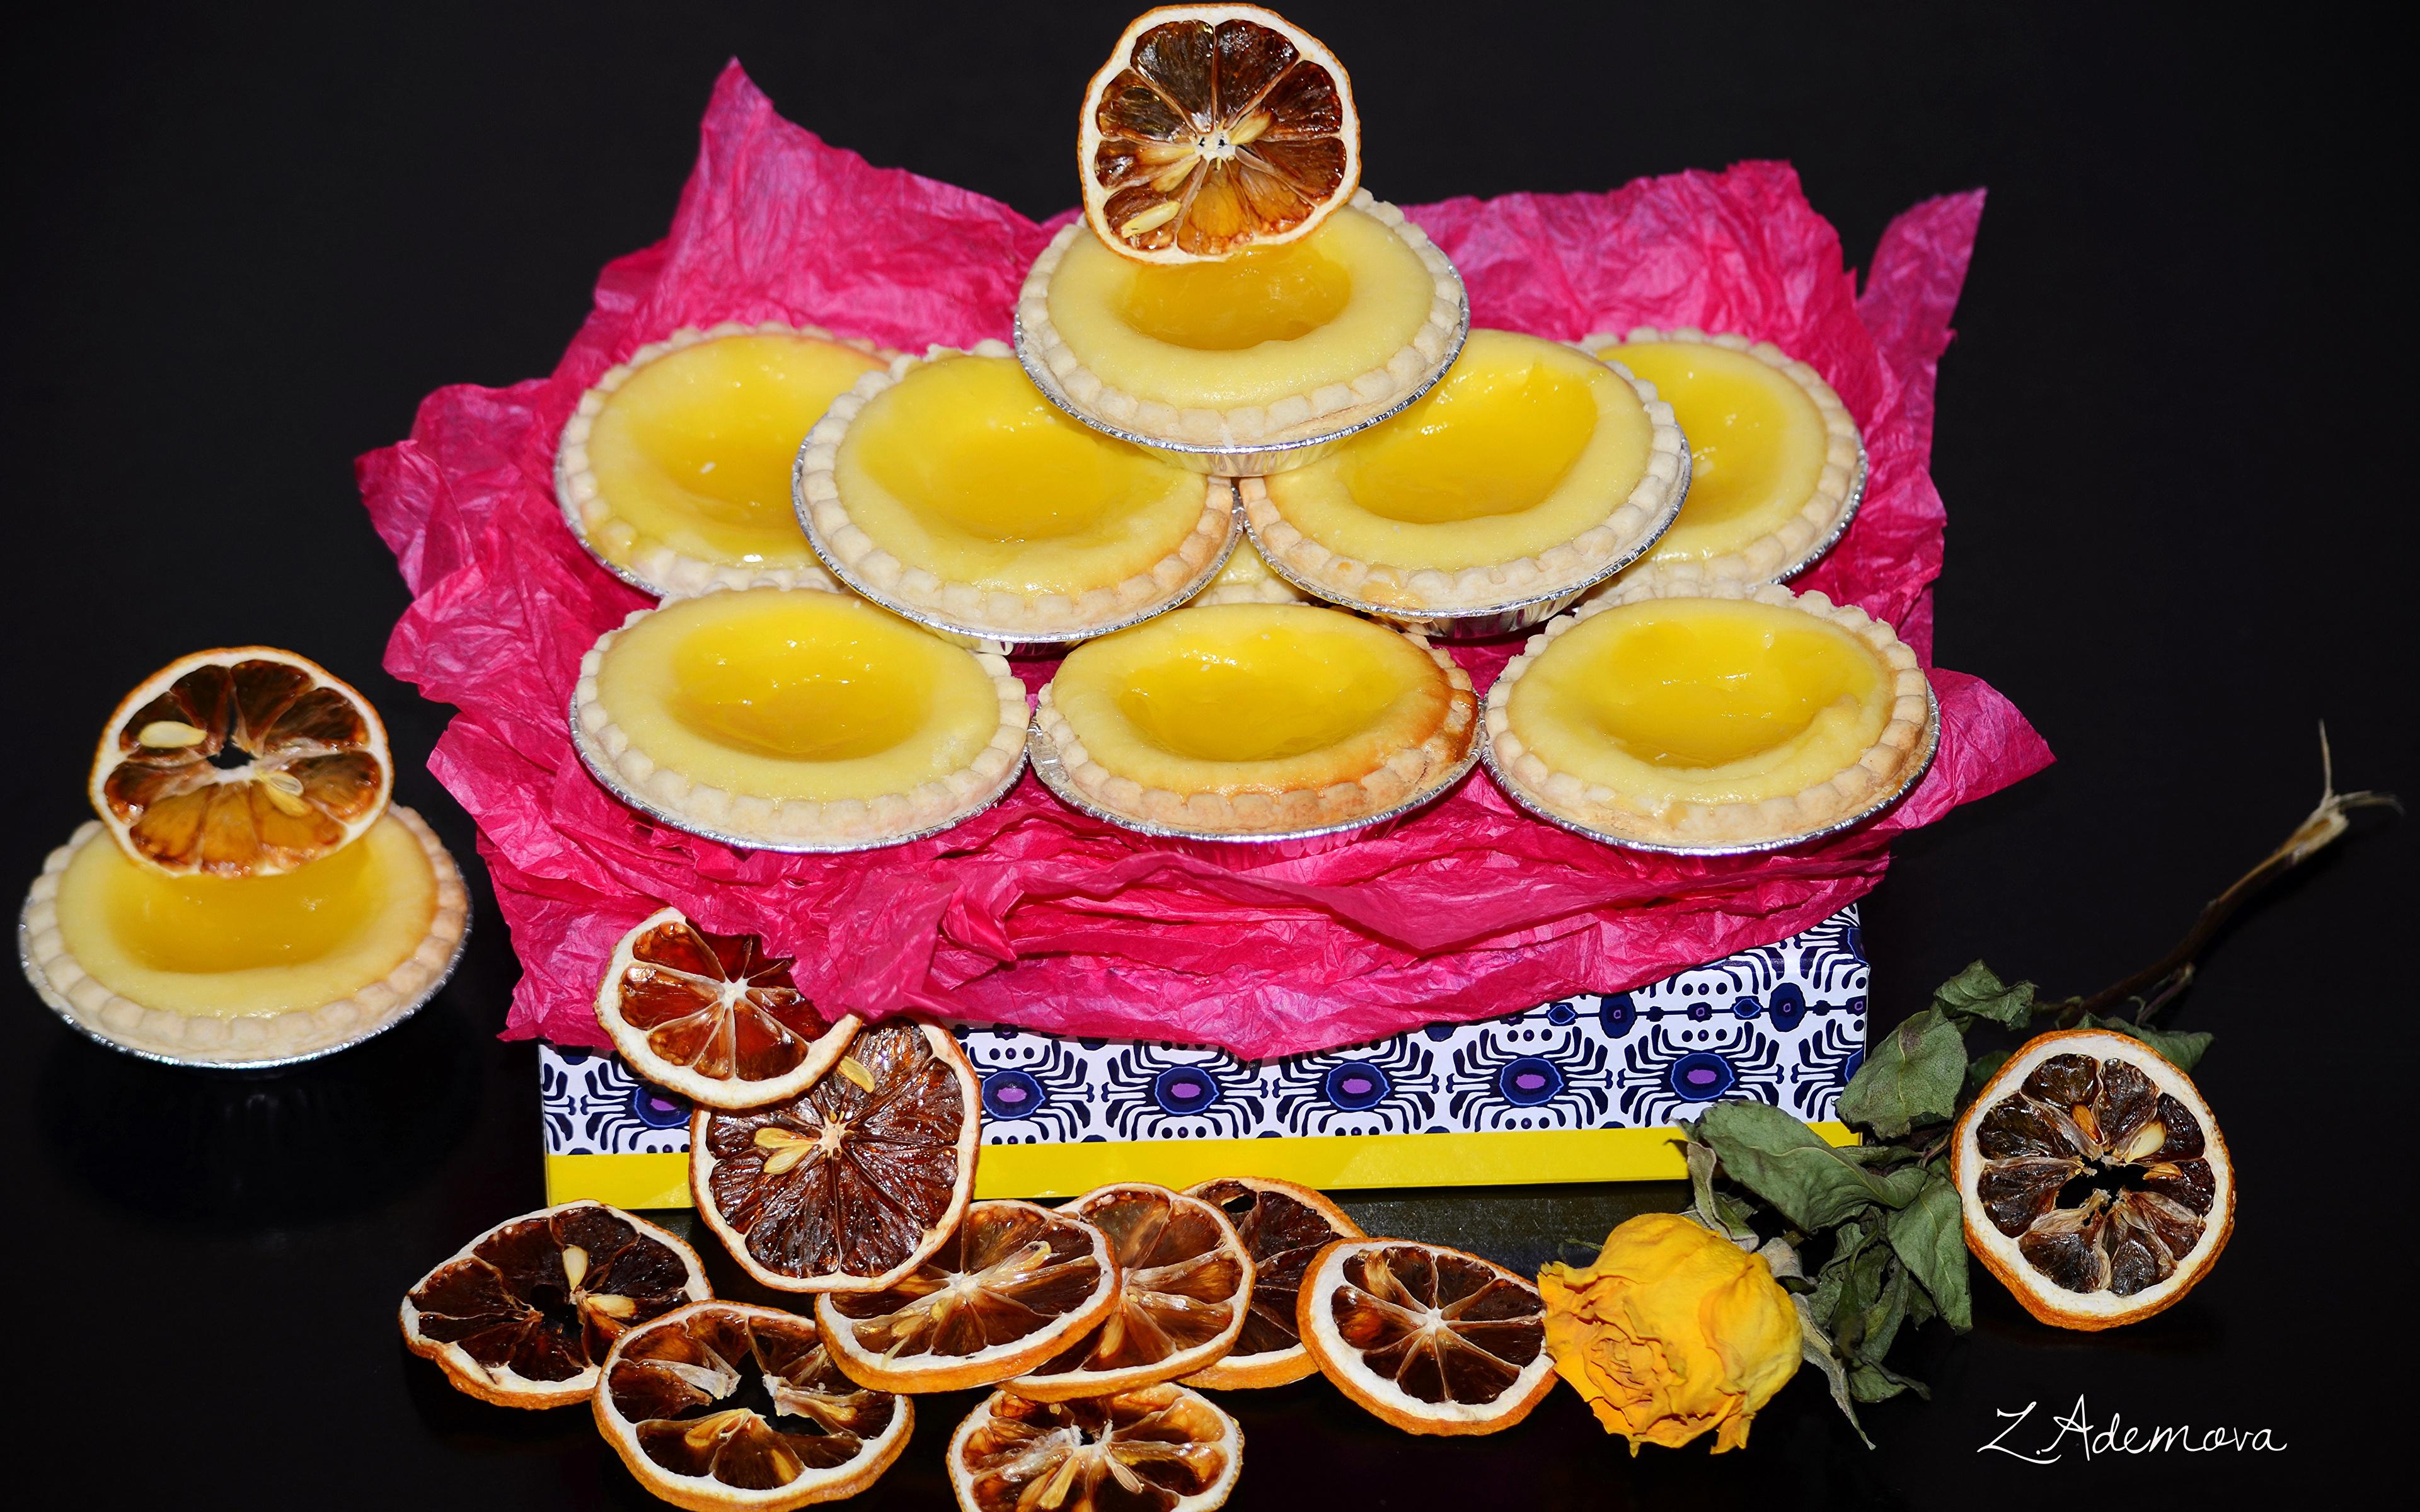 Фотография Лимоны Еда Печенье Выпечка 3840x2400 Пища Продукты питания